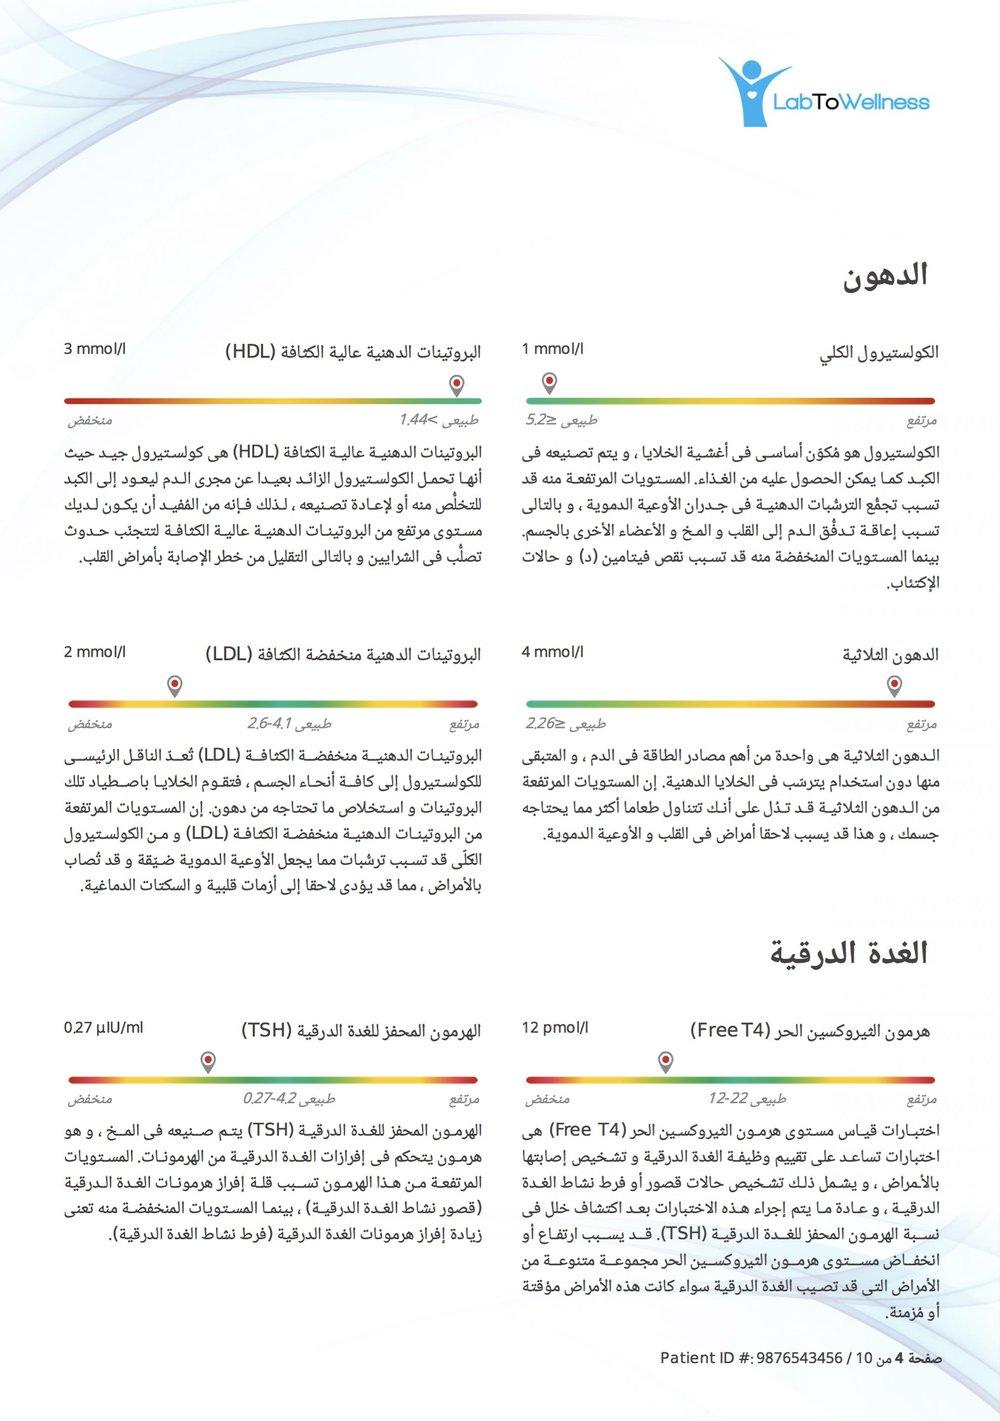 LabToWellness laboratory testing report in Arabic